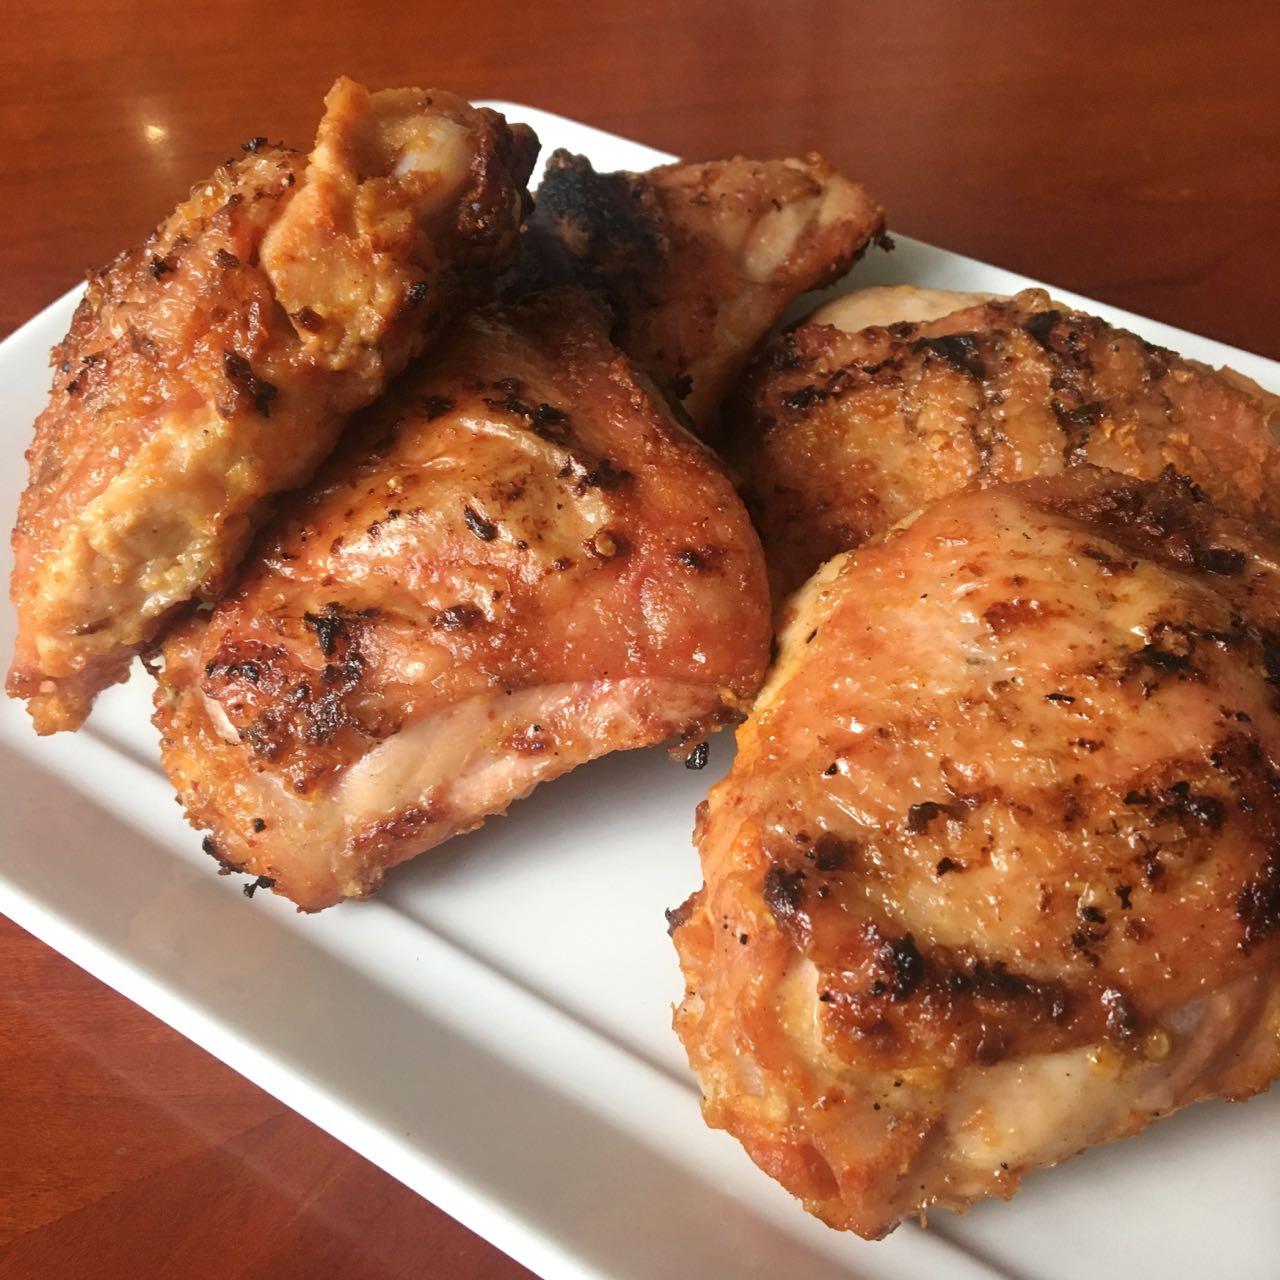 West African grilled chicken salad